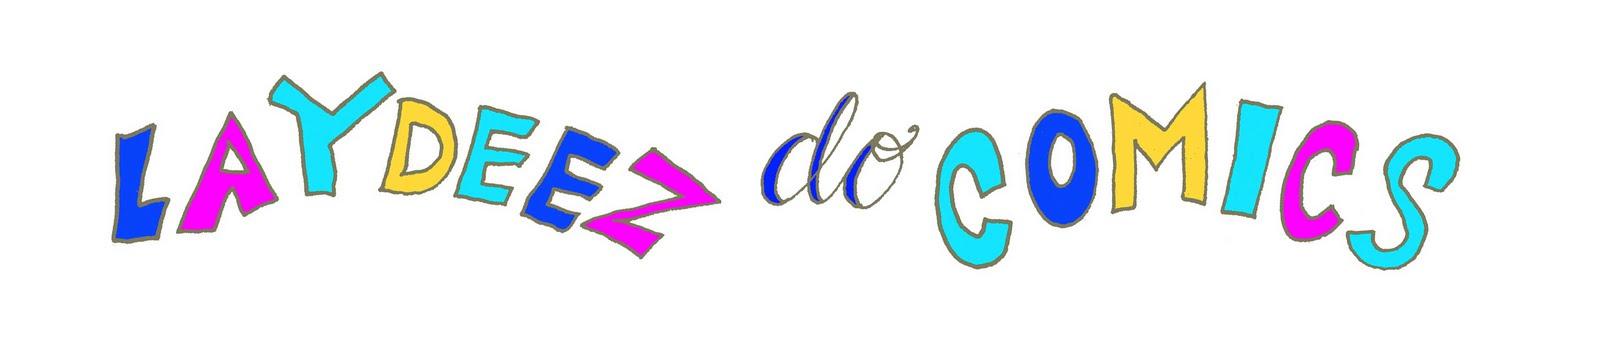 laydeez_line_text logo